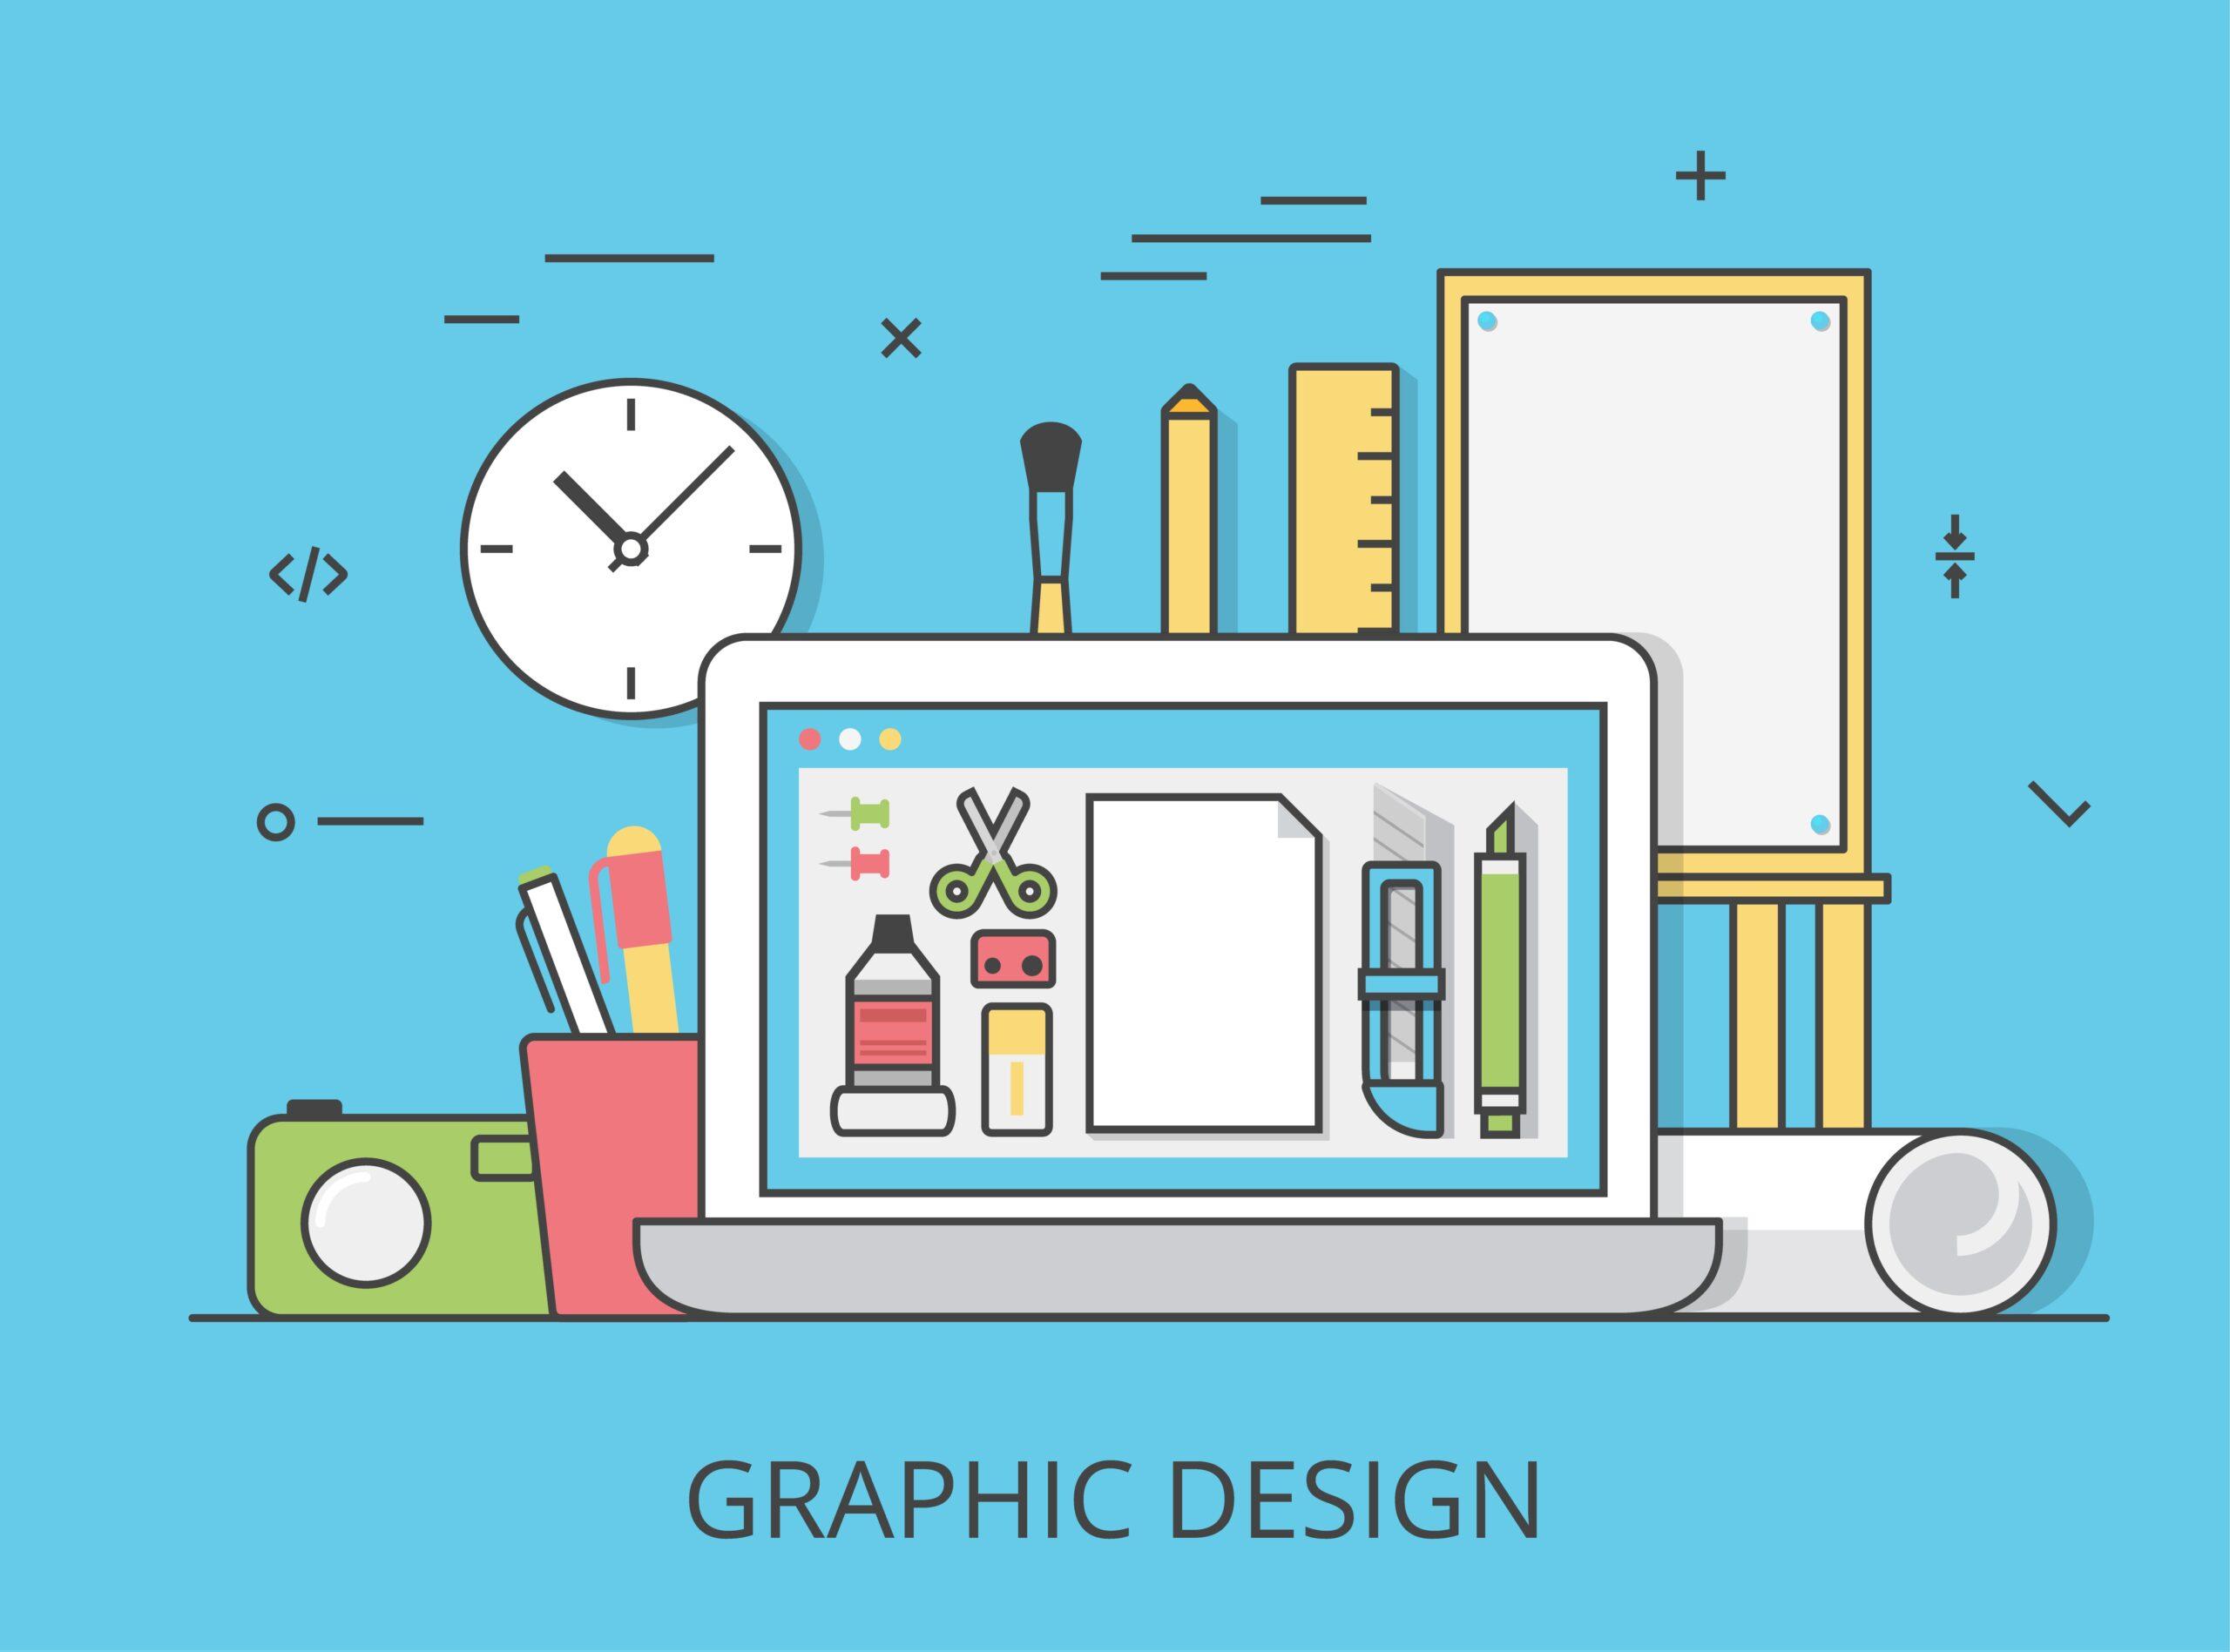 グラフィックデザインツールとは?|ロゴやバナーを作成するツール